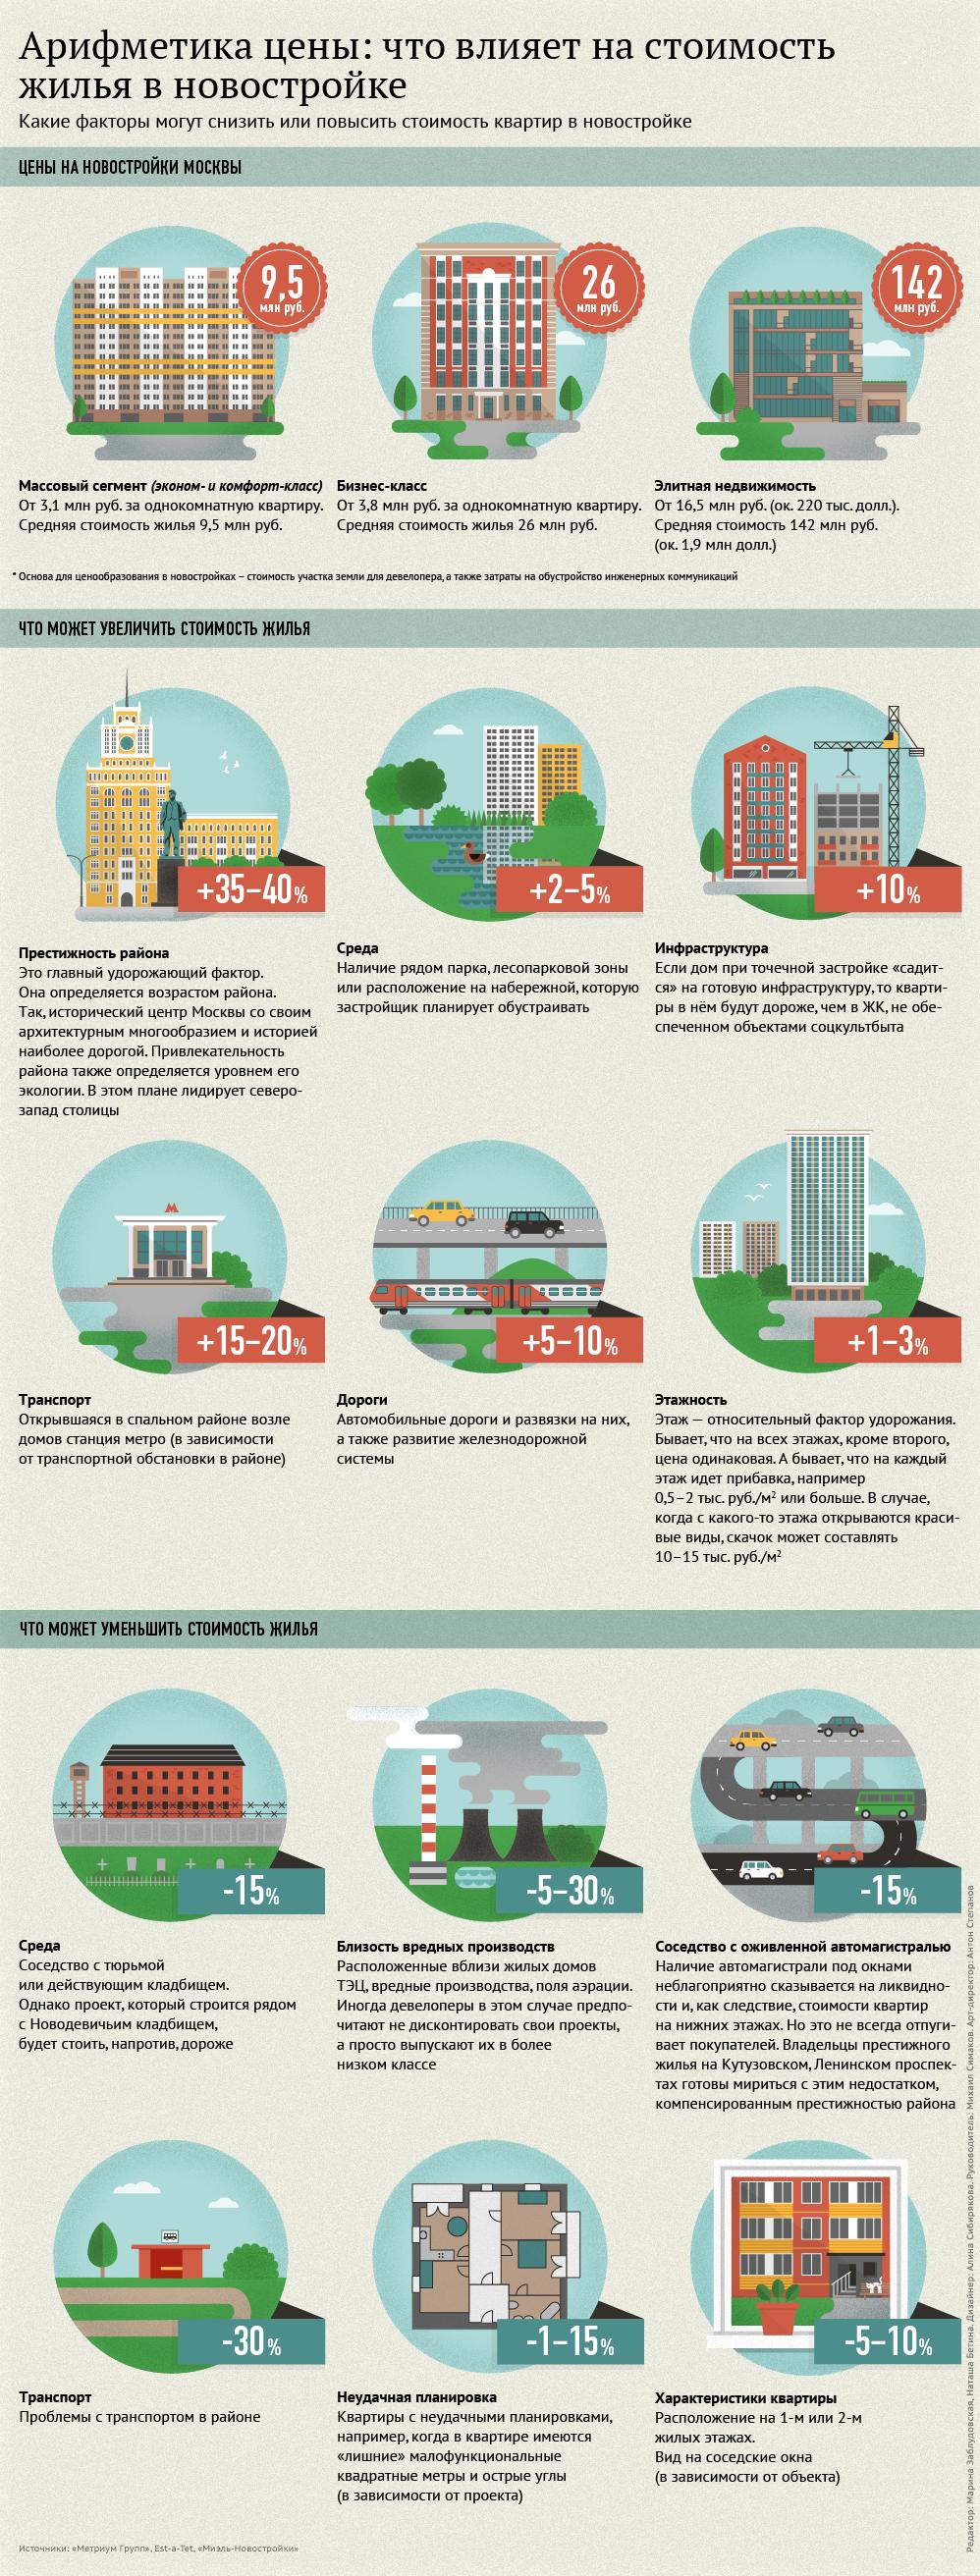 Арифметика цены: что влияет на стоимость жилья в новостройке